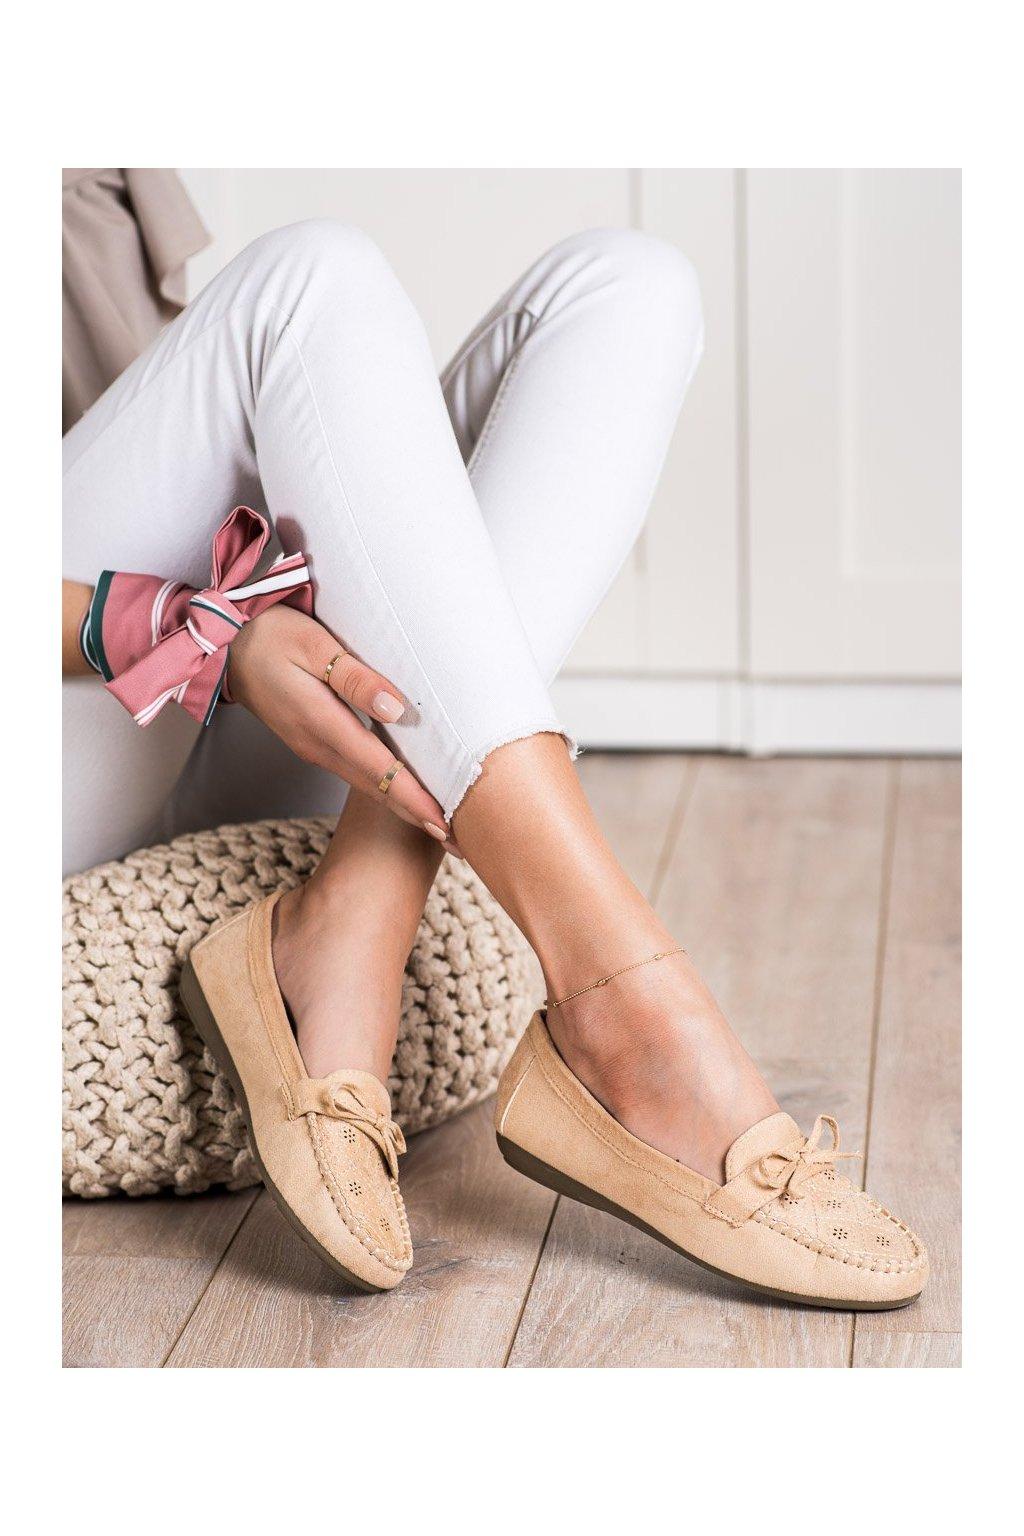 Hnedé mokasíny Best shoes kod 1R3BE